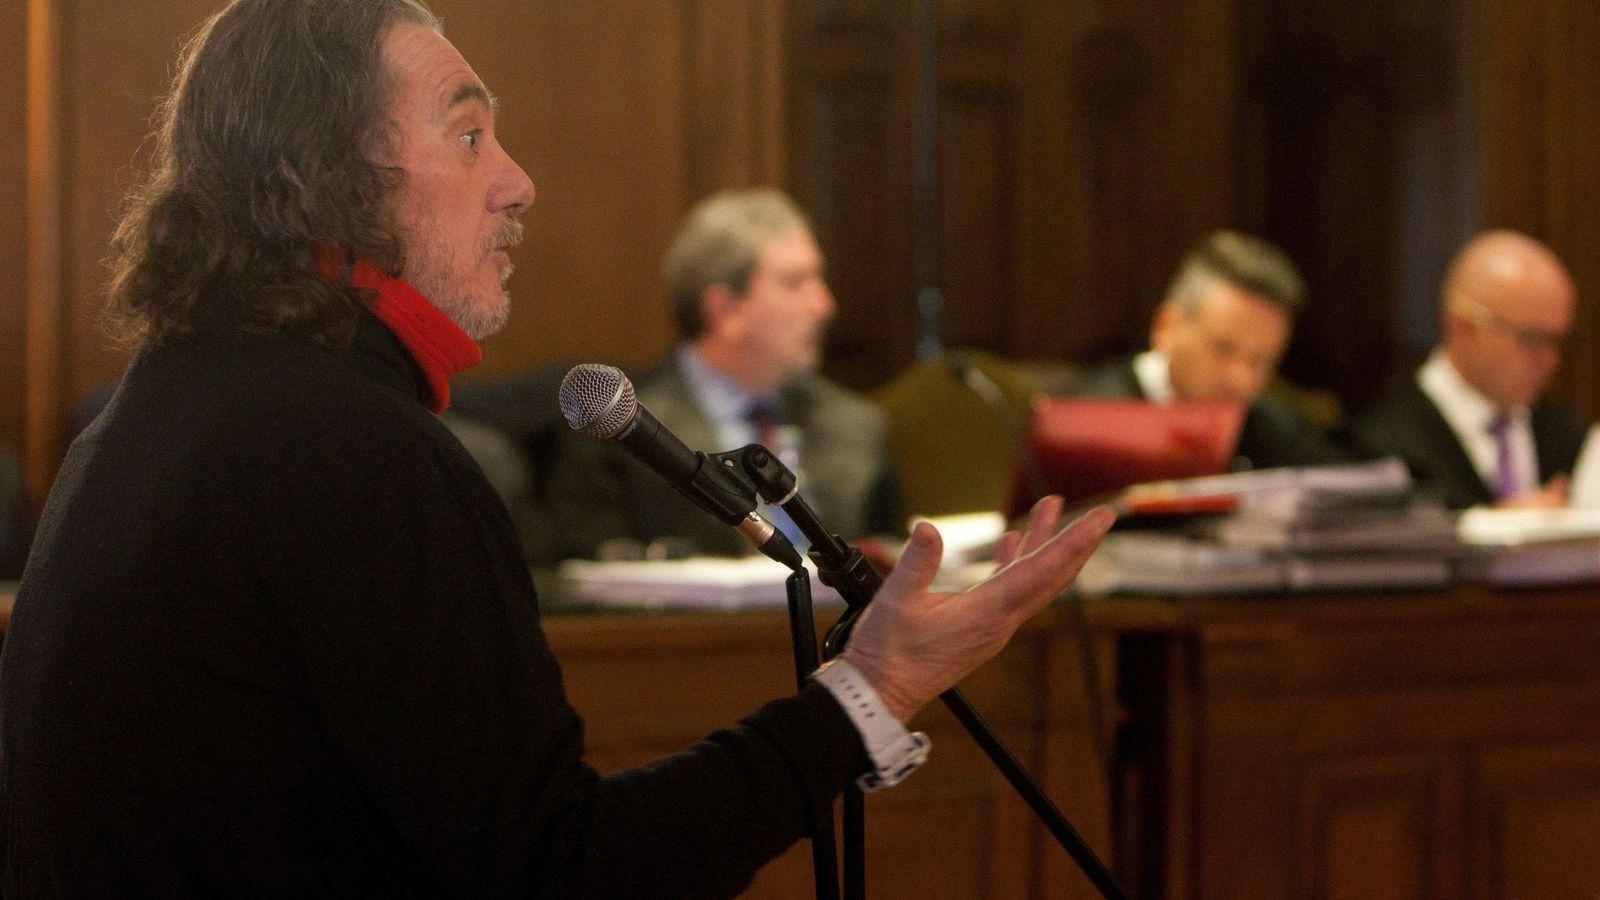 Foto: Sito Miñanco, durante su juicio en la audiencia provincial de Pontevedra (EFE/Salvador Sas)